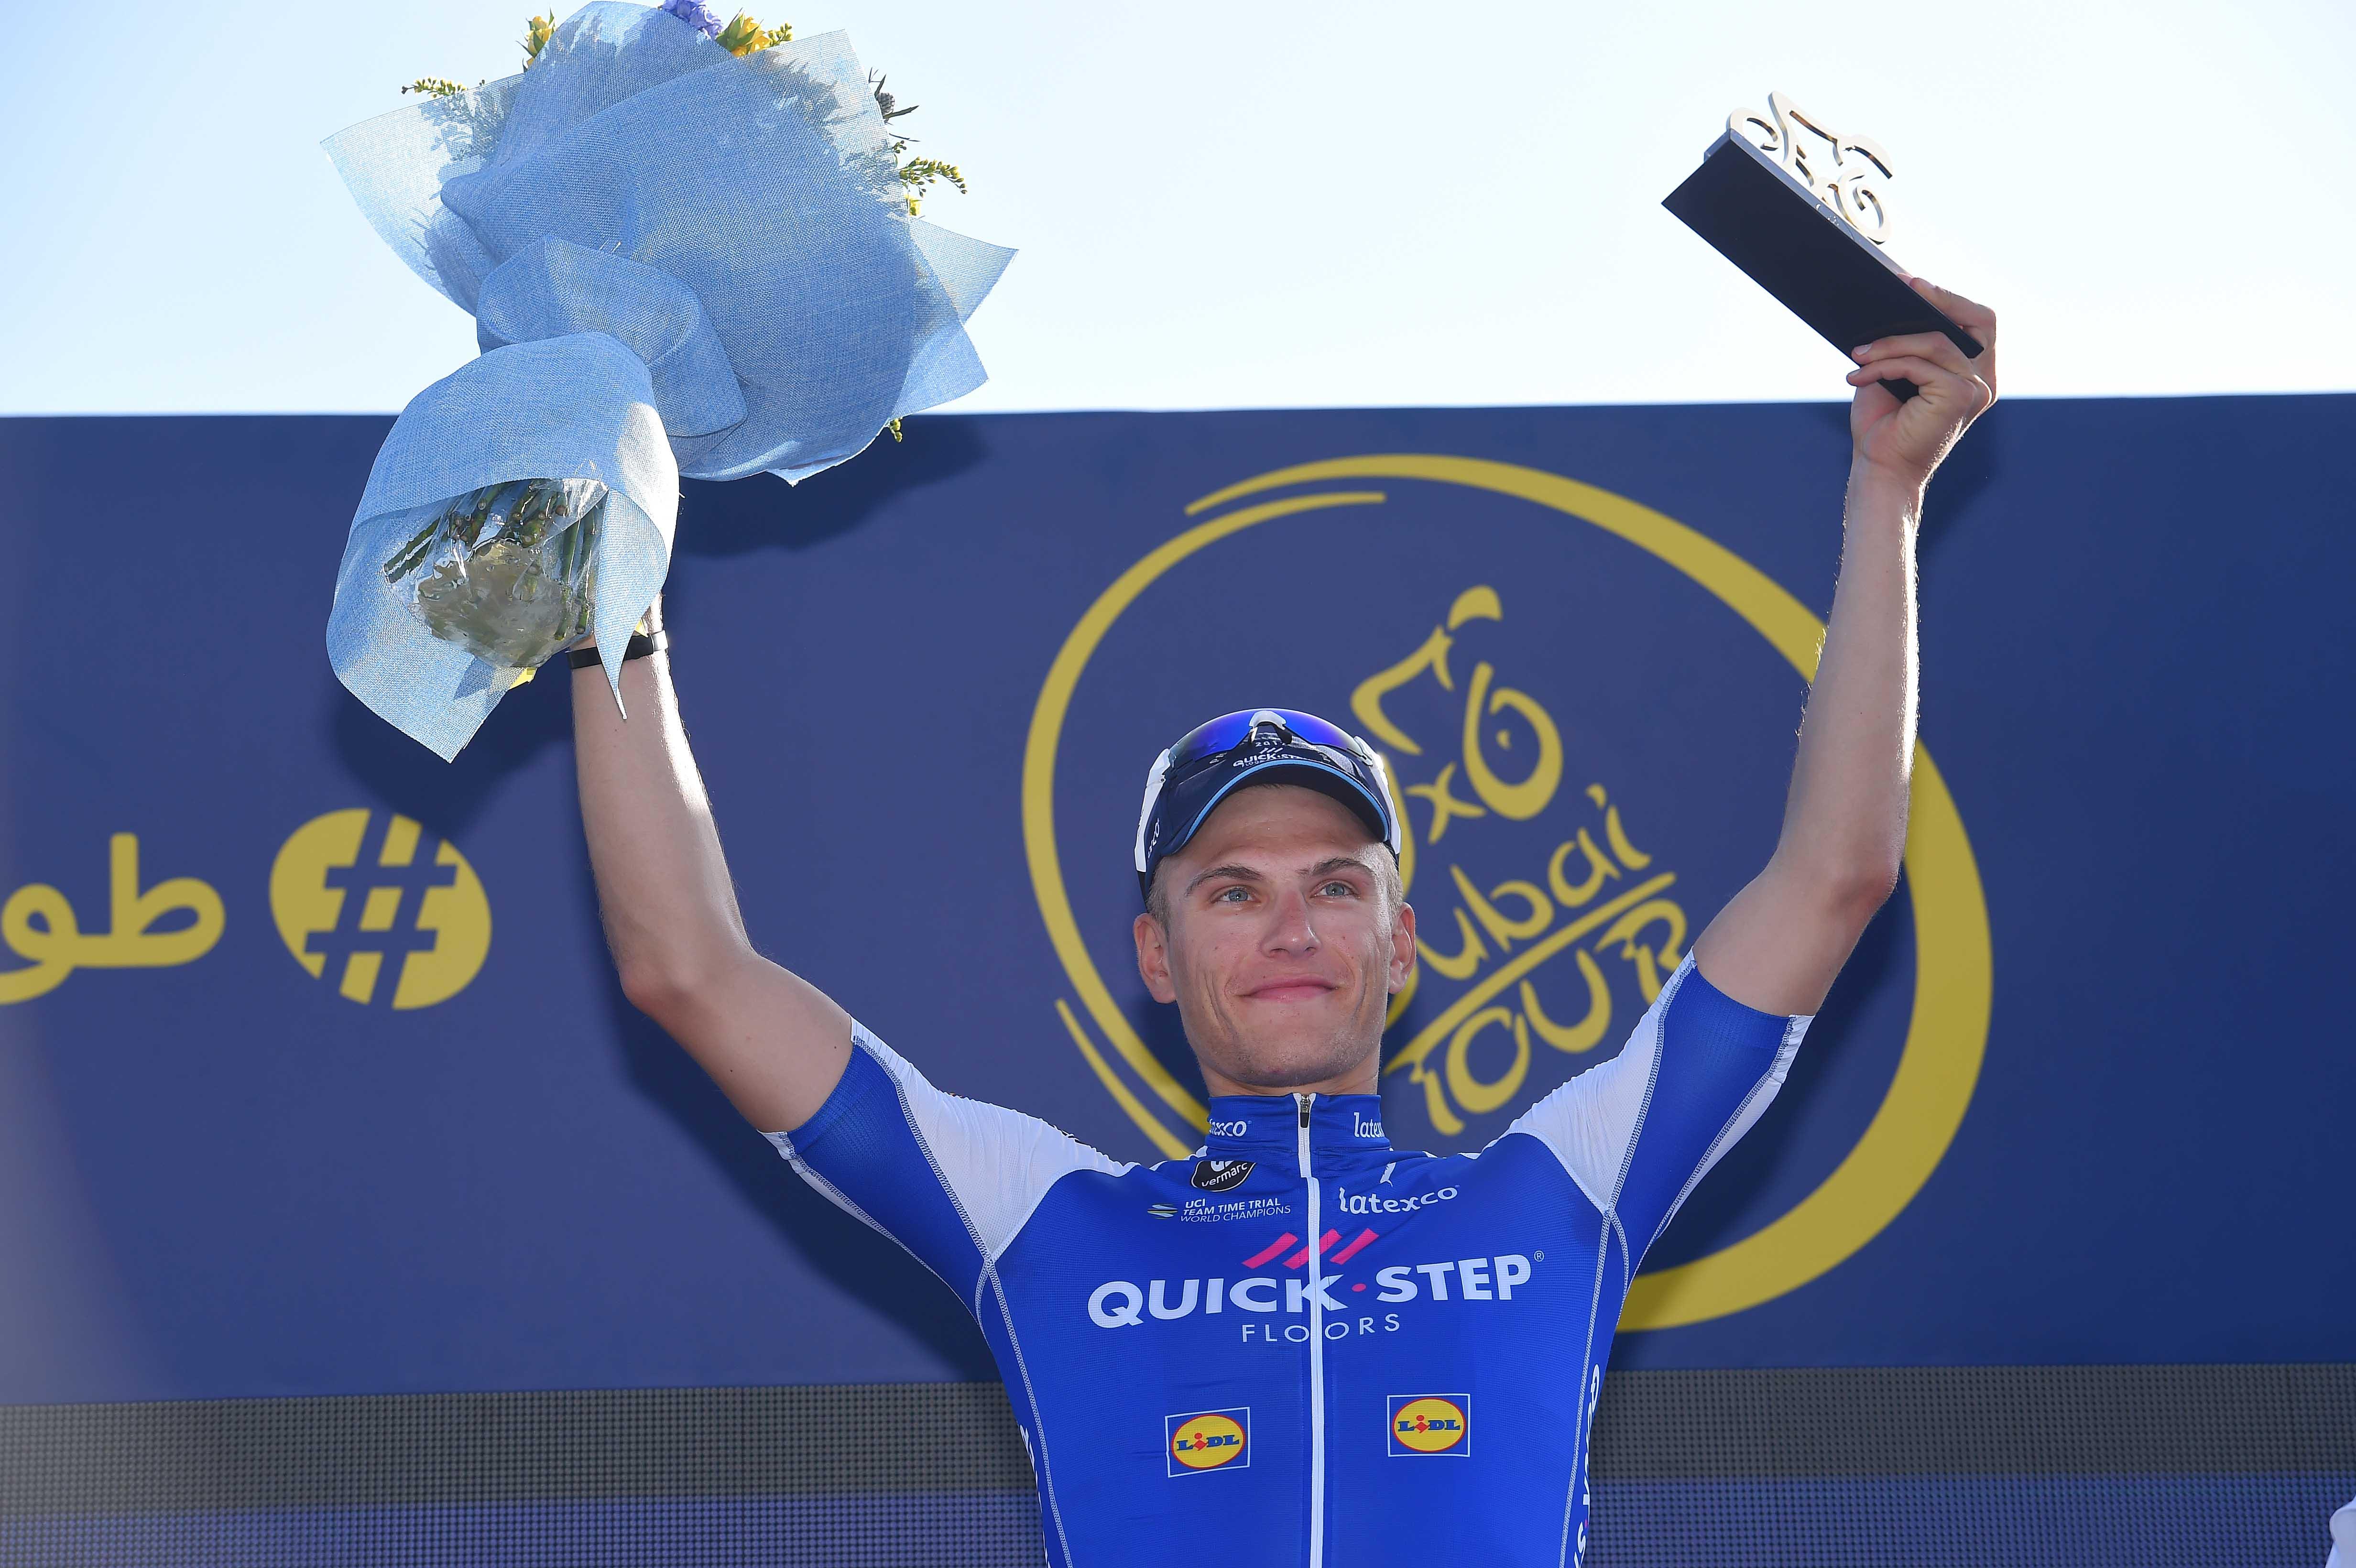 © Quick-Step Floors Cycling Team/ Tim De Waele - ©Tim De Waele